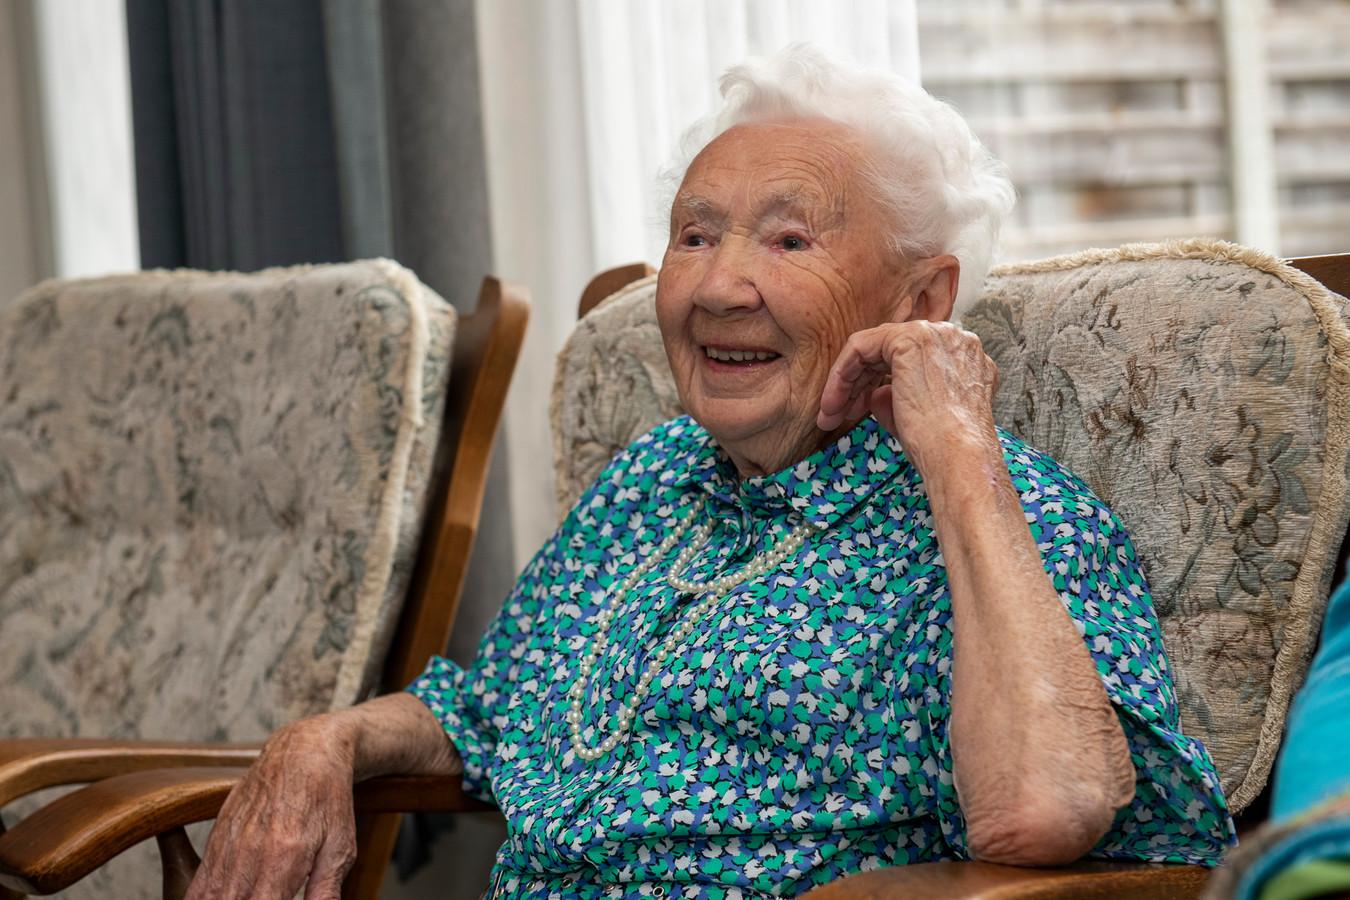 Aaltje de Boer - Mulder is vandaag 101 jaar geworden en is de oudste inwoonster van de gemeente Dalfsen. COPYRIGHT ALEX MULDER